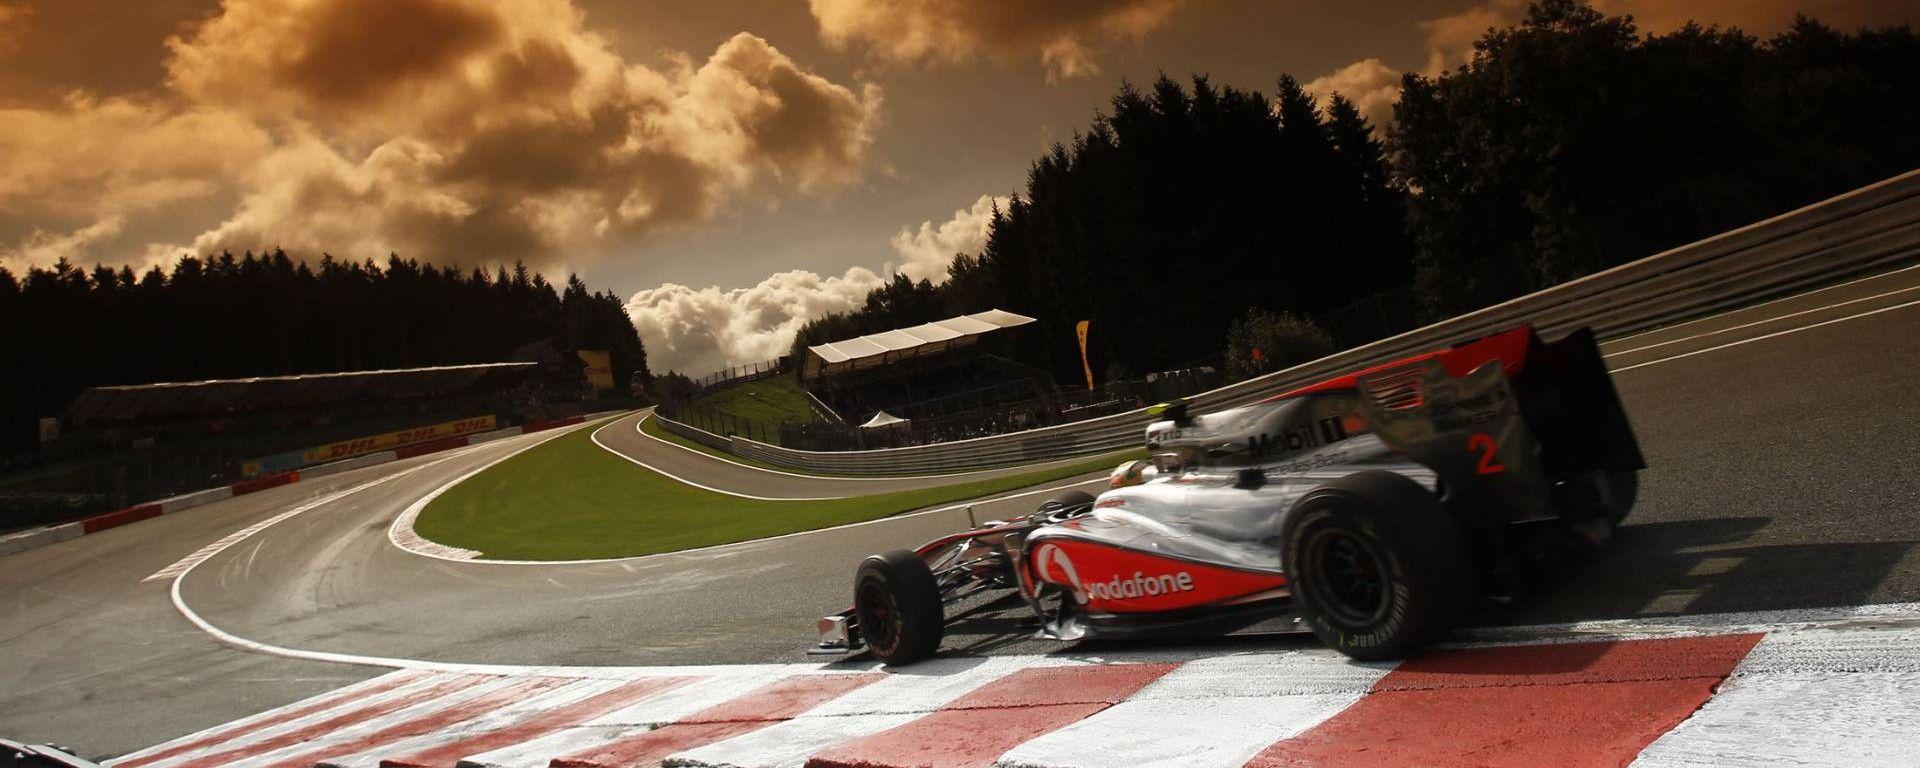 Eau Rouge - iconica curva del tracciato di Spa - Francorchamps